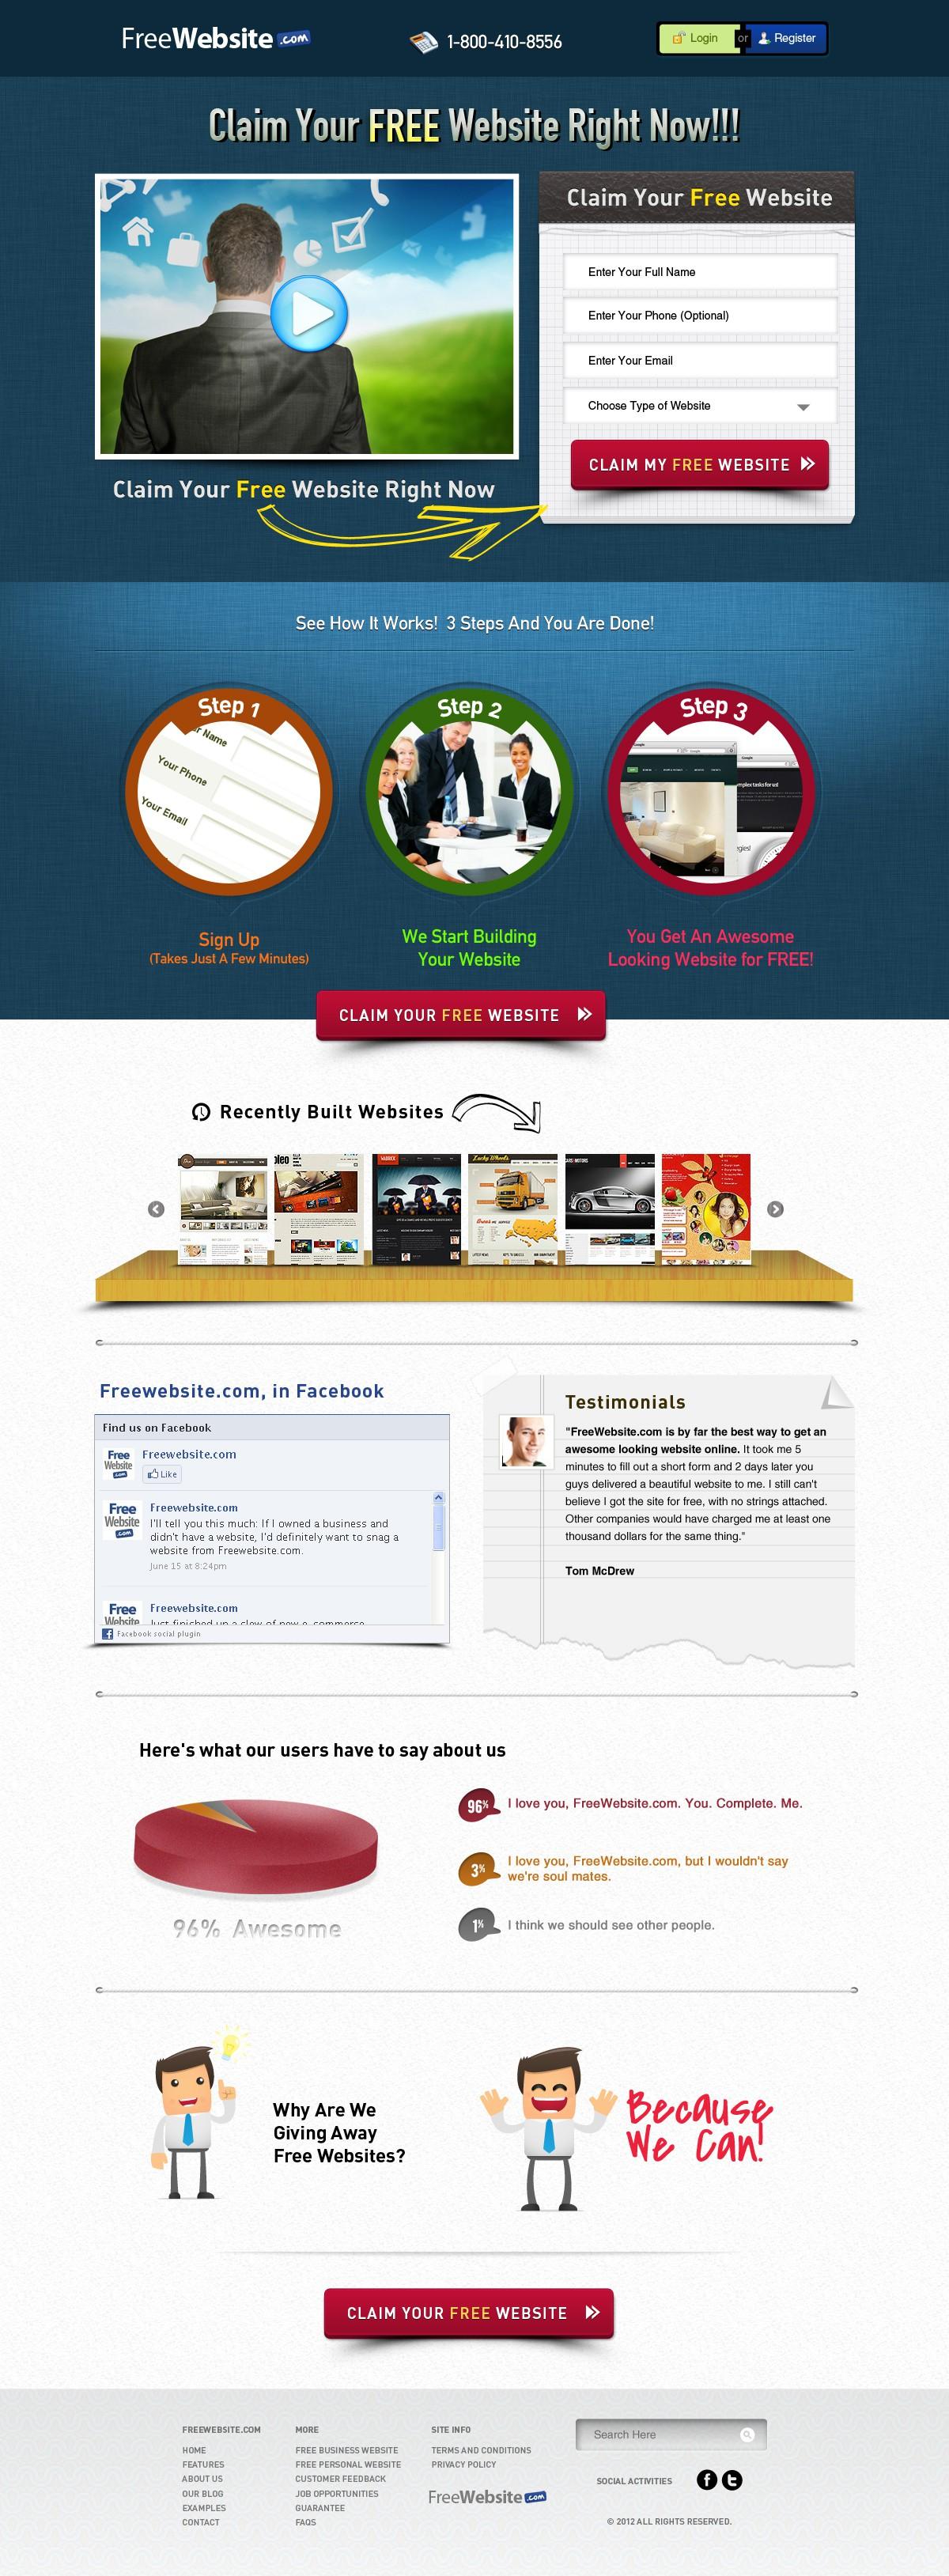 Help FreeWebsite.com with a new website design